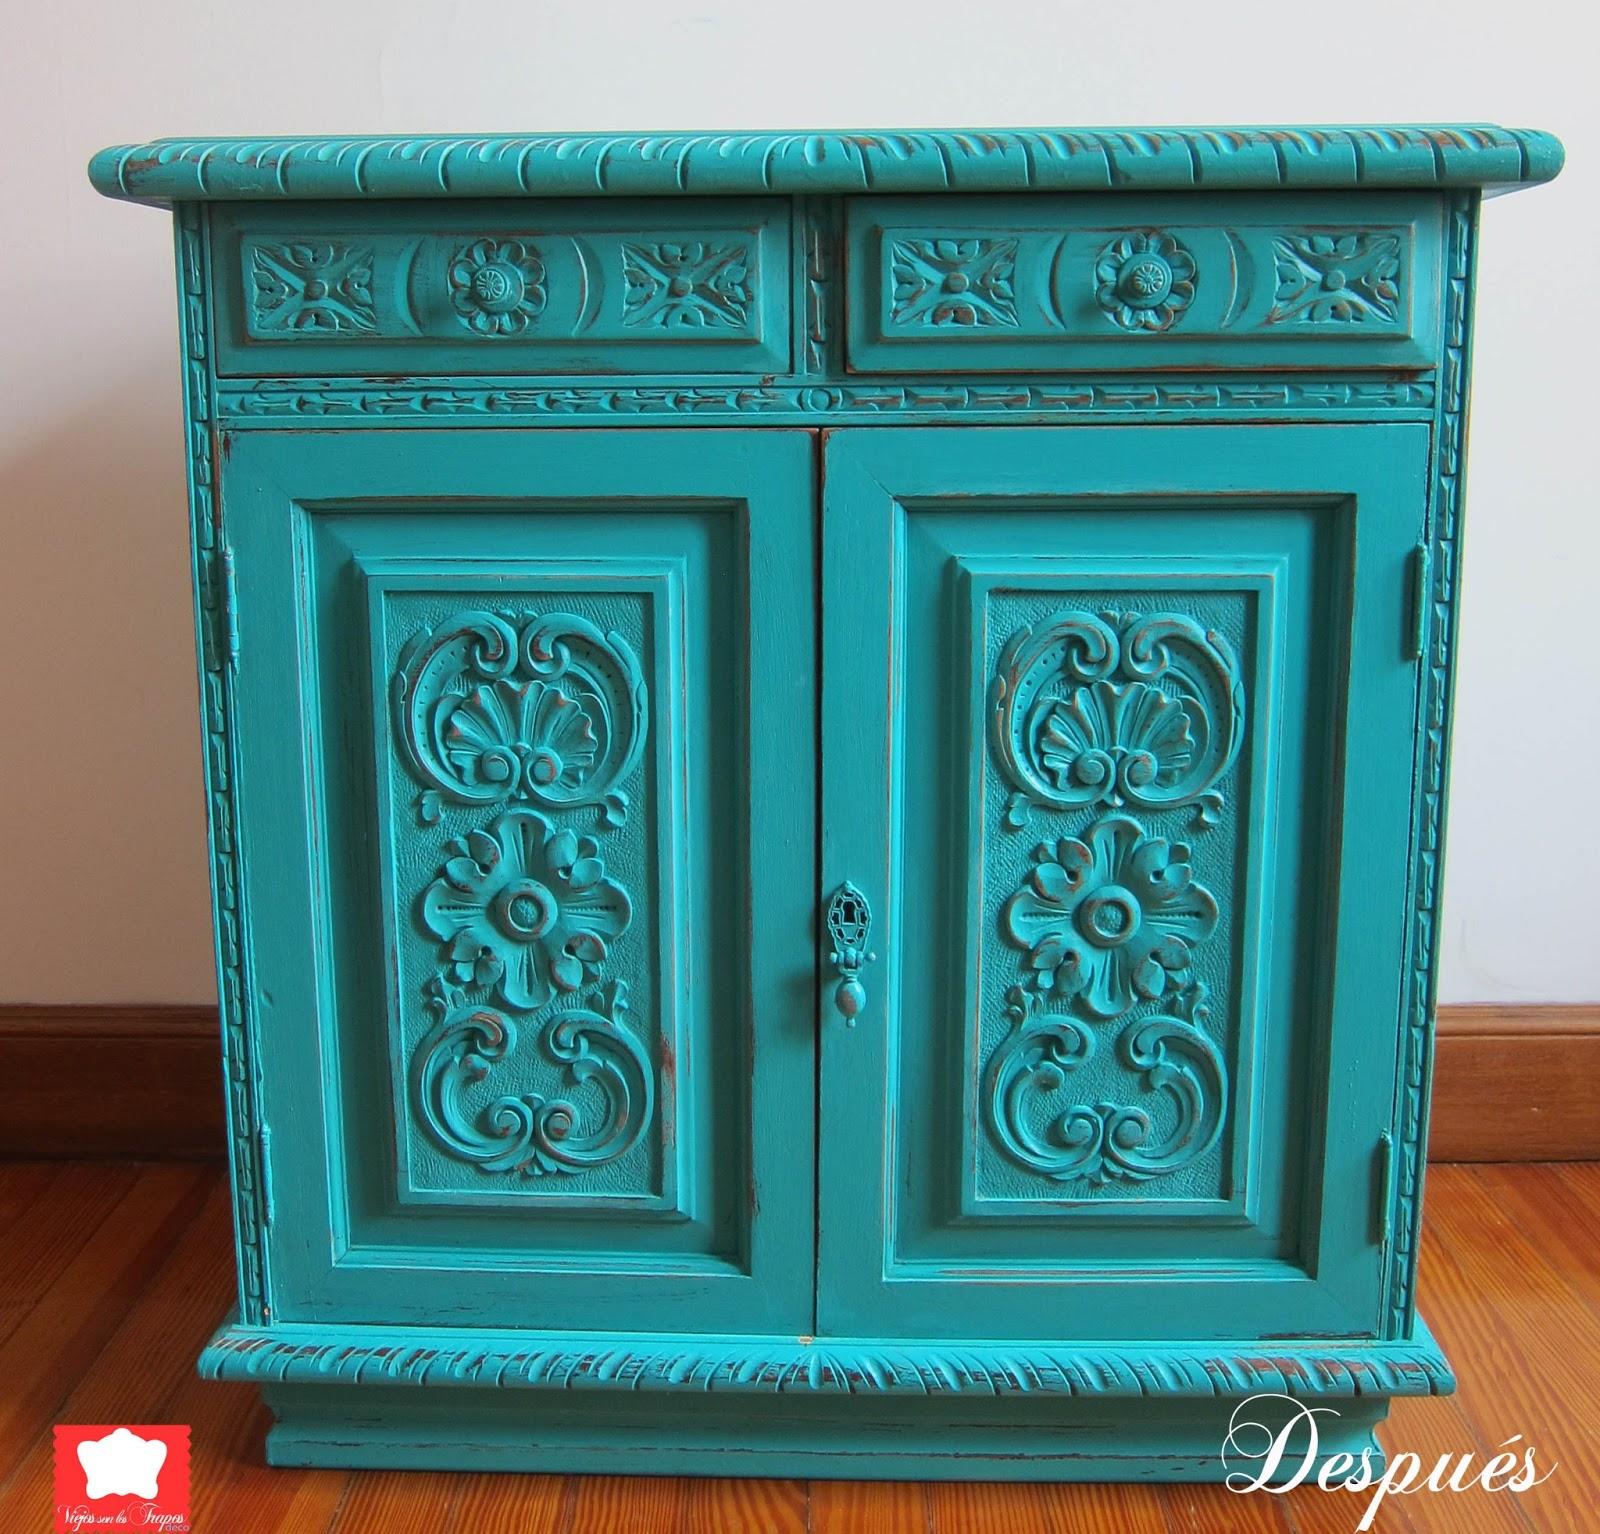 Imagenes de muebles antiguos reciclados - Reciclar muebles antiguos ...